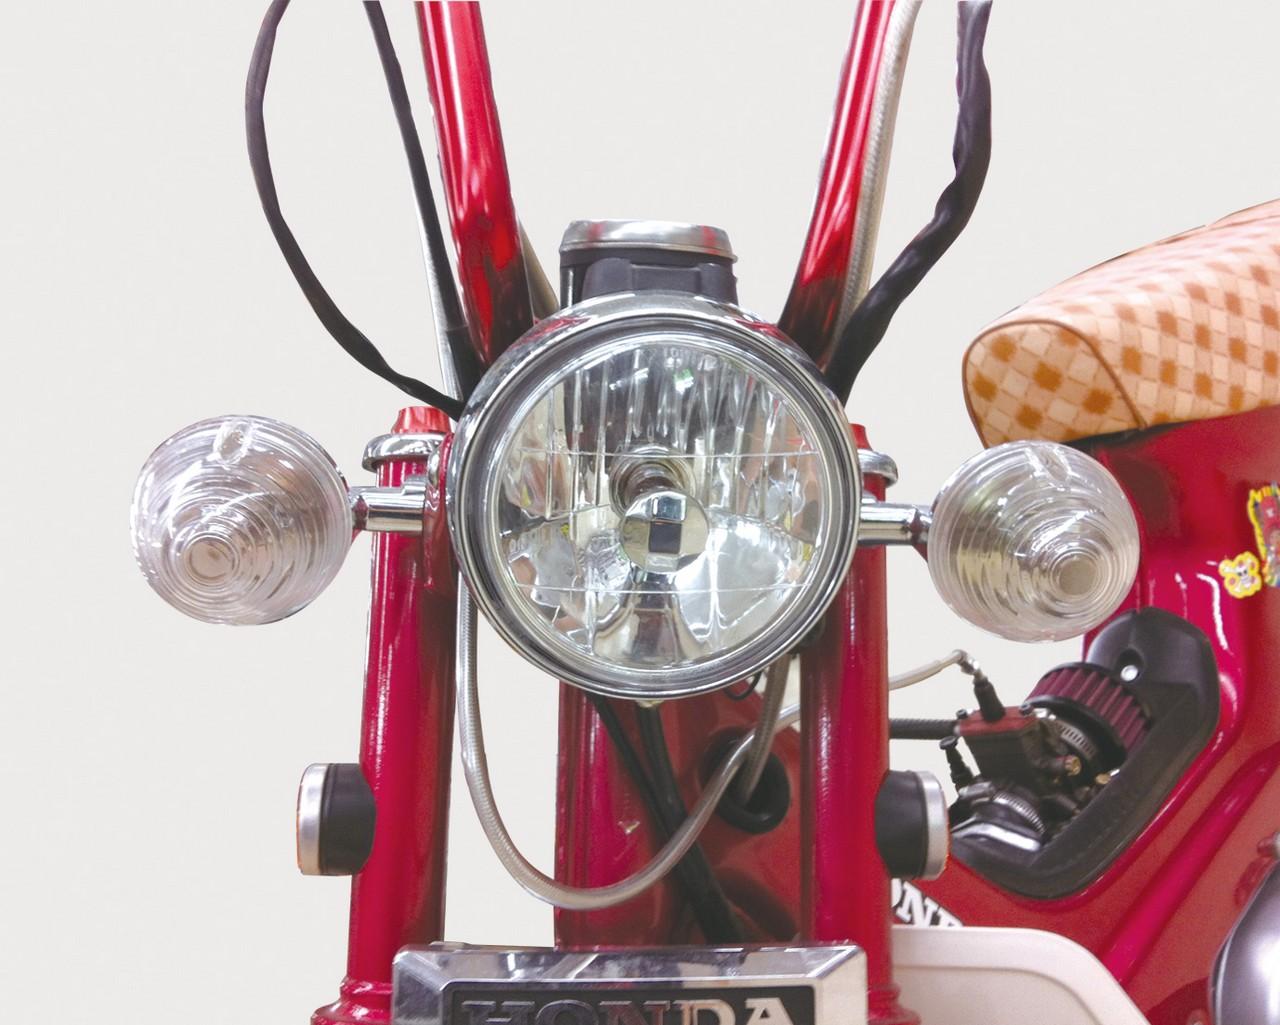 【KITACO】透明方向燈殼組 - 「Webike-摩托百貨」